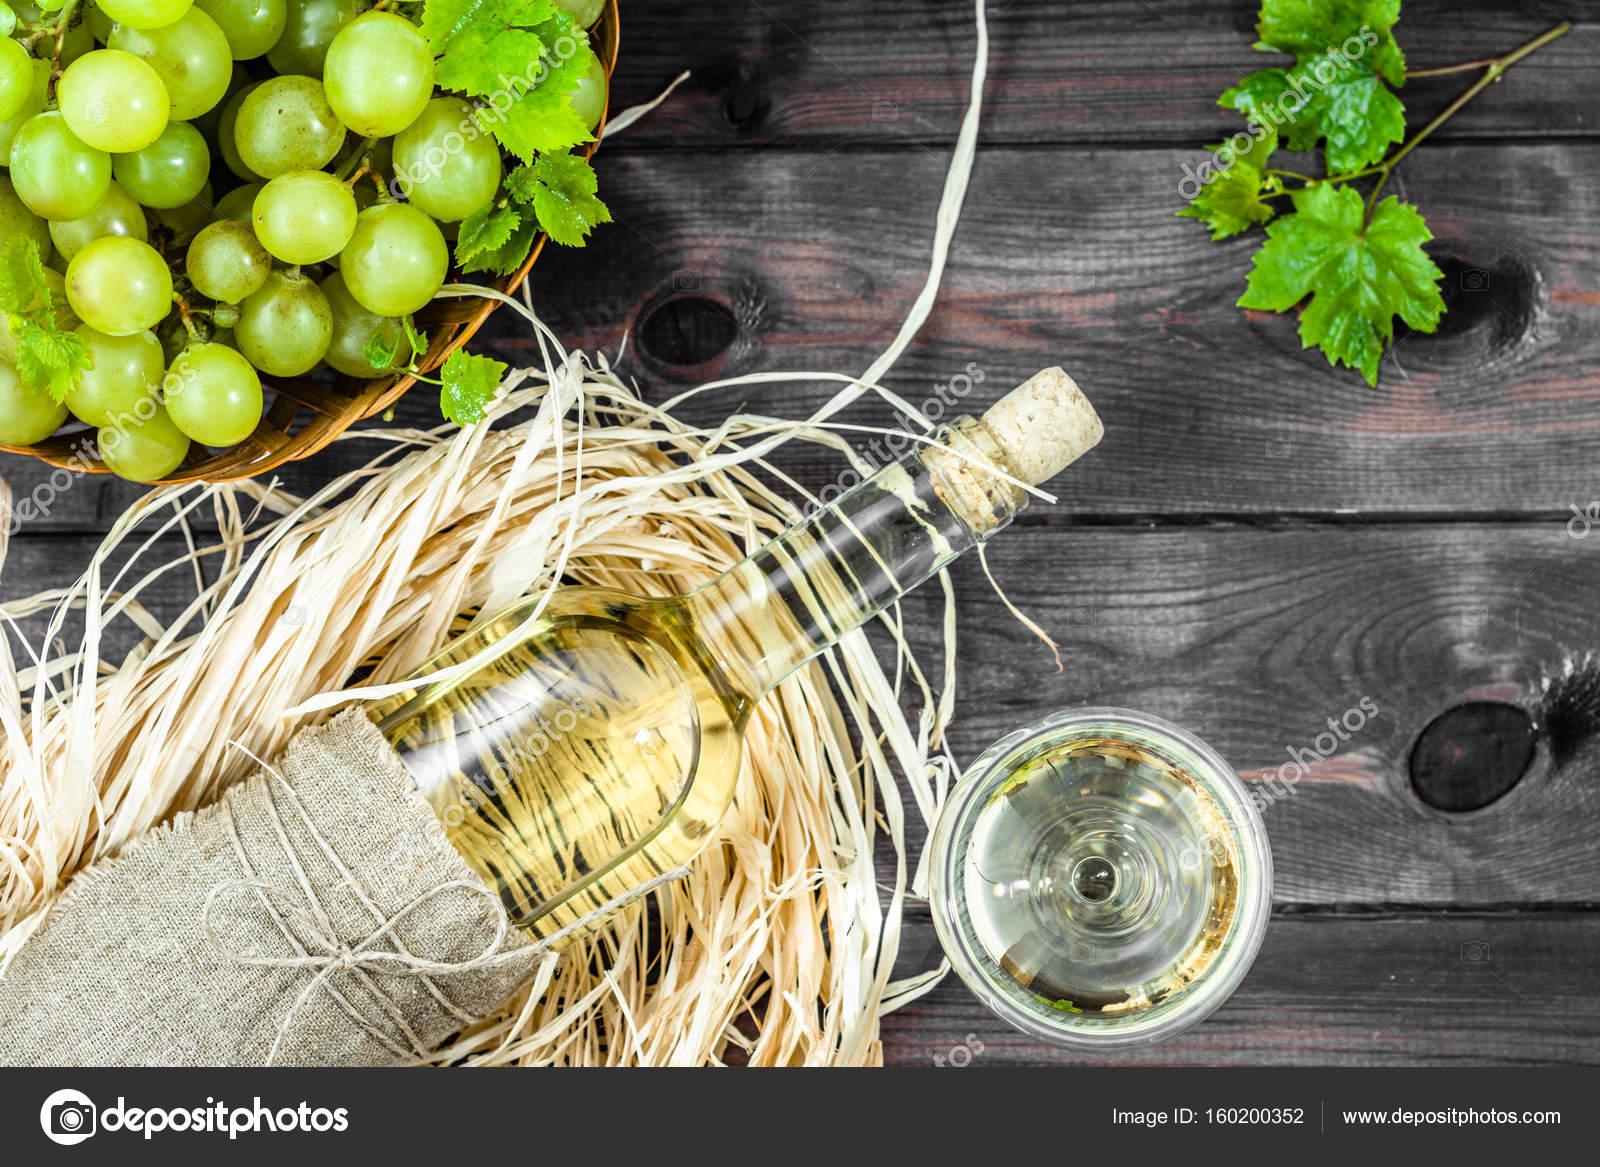 Рецепты домашнего вина из зеленого винограда